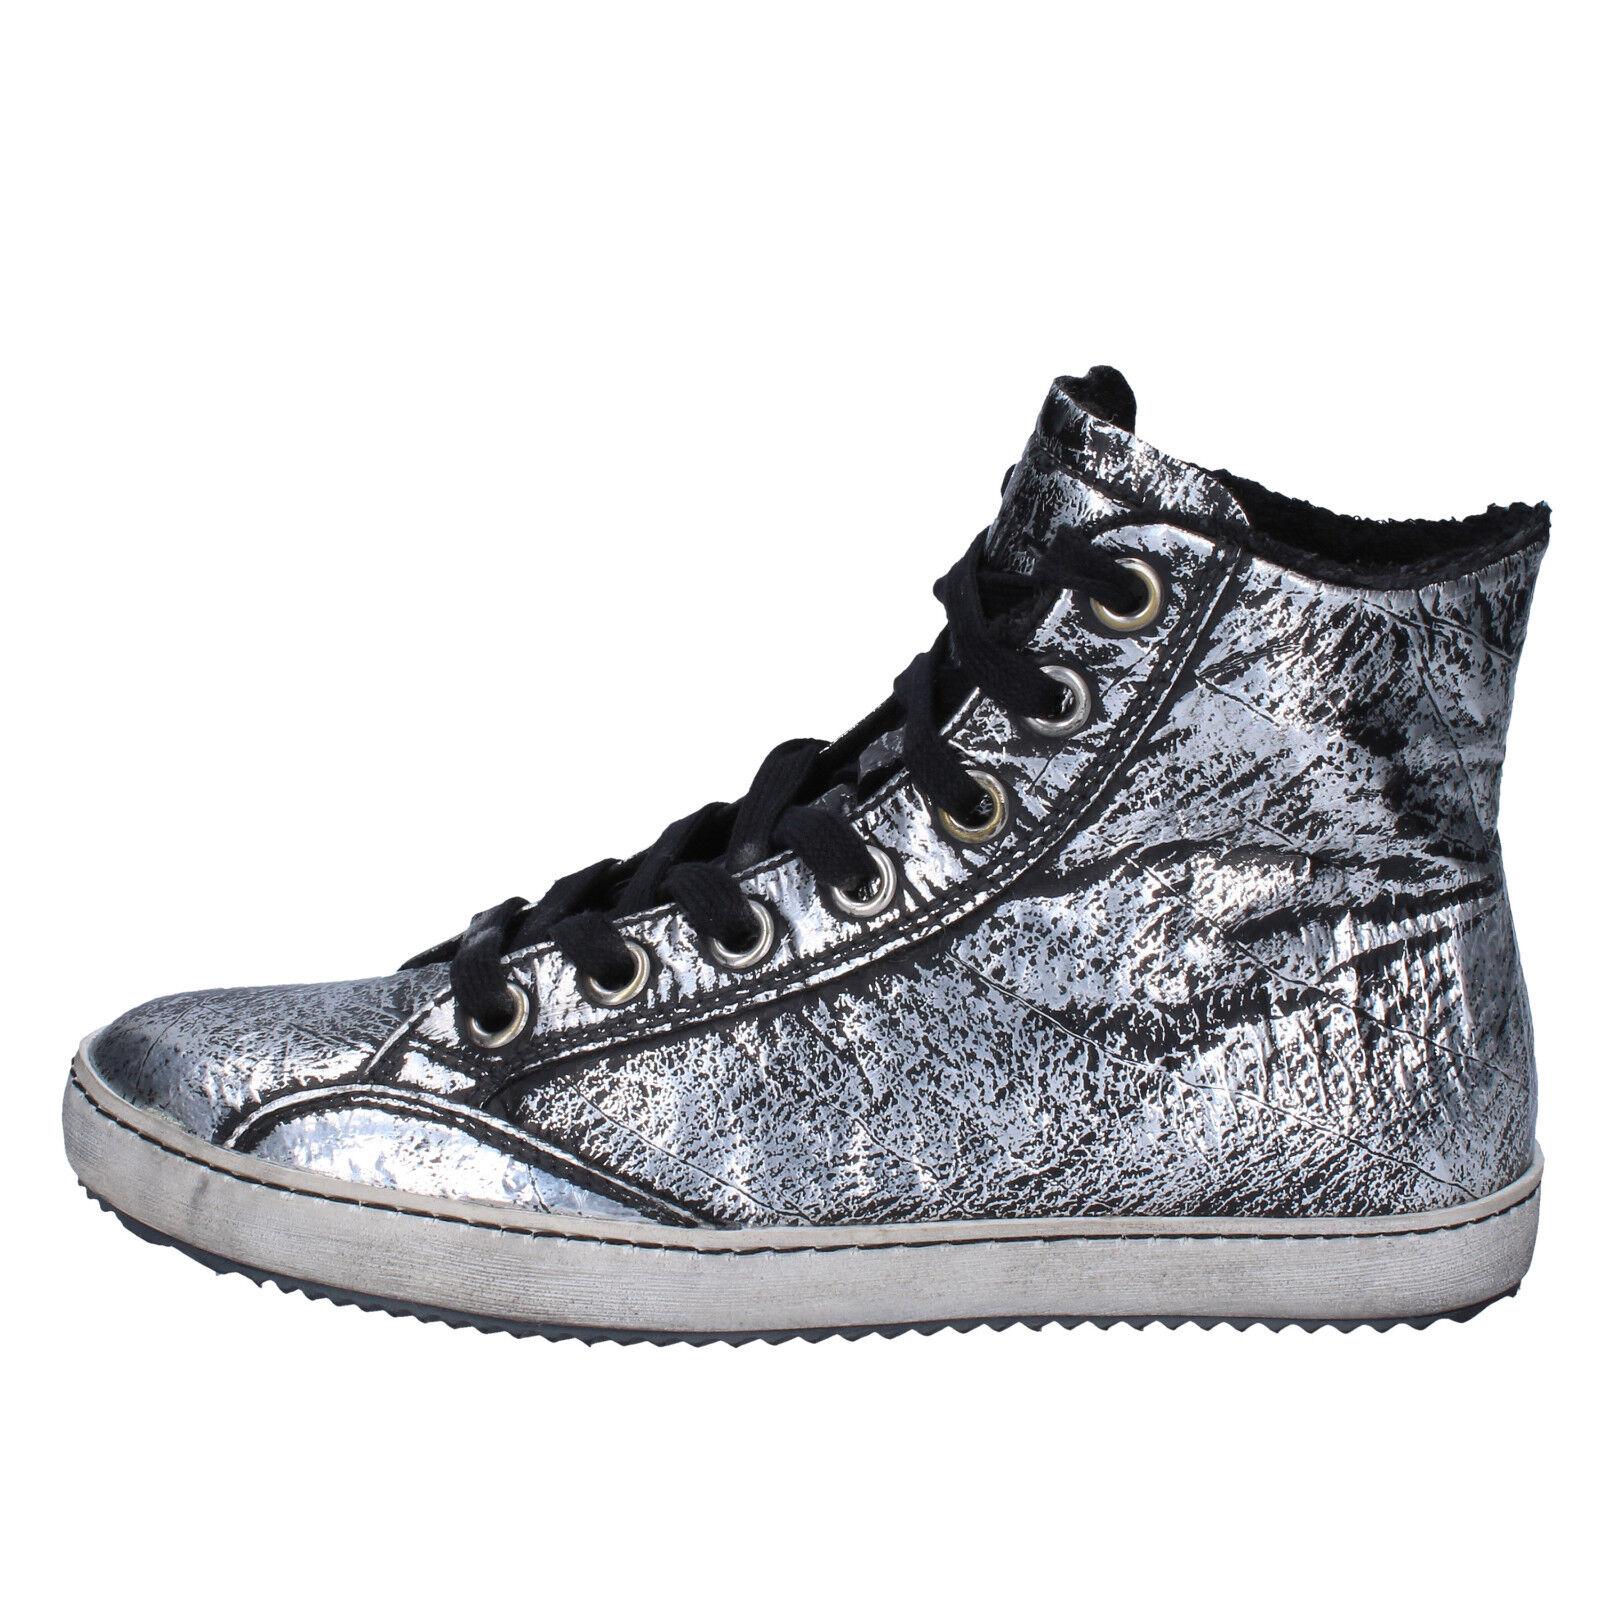 donna CULT 36 scarpe da ginnastica alti stivaletti nero argento pelle AK795-B